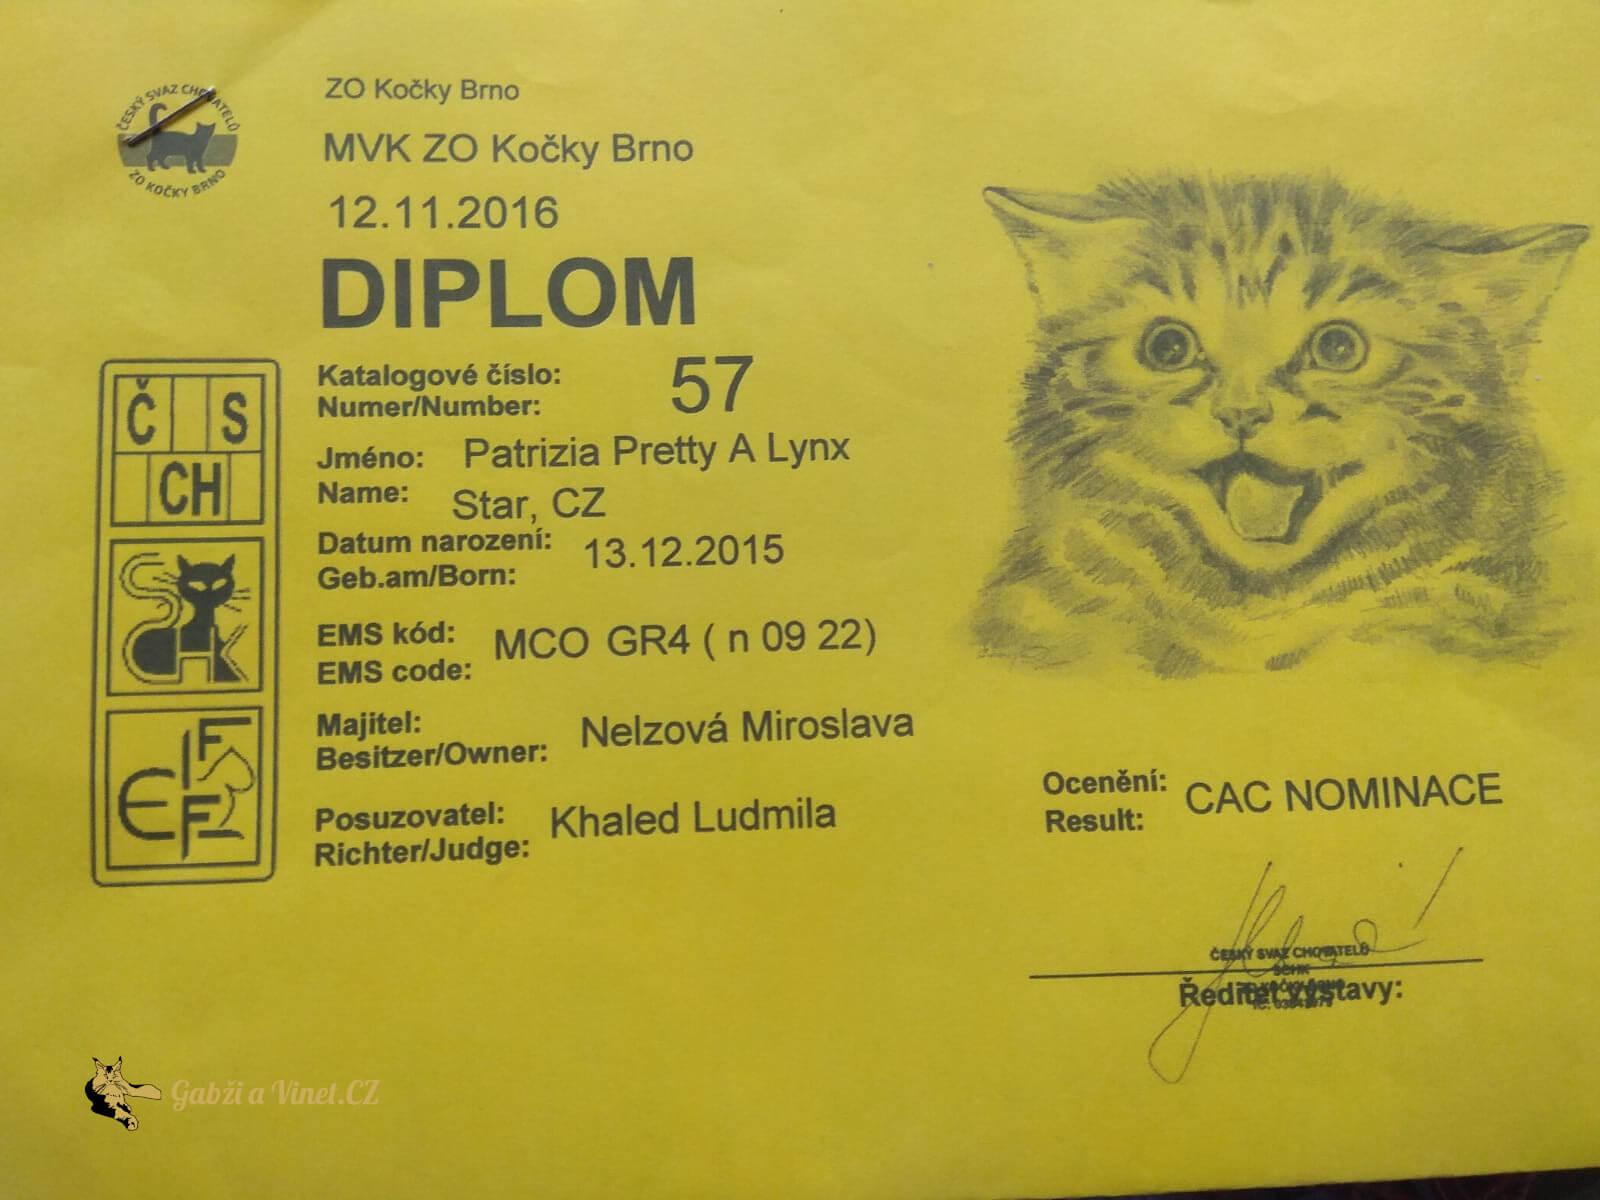 chovatelská stanice mainská mývalí kočka Patrizia Pretty A Lynx Star.CZ Kladno Gabzi a Vinet CZ (9)